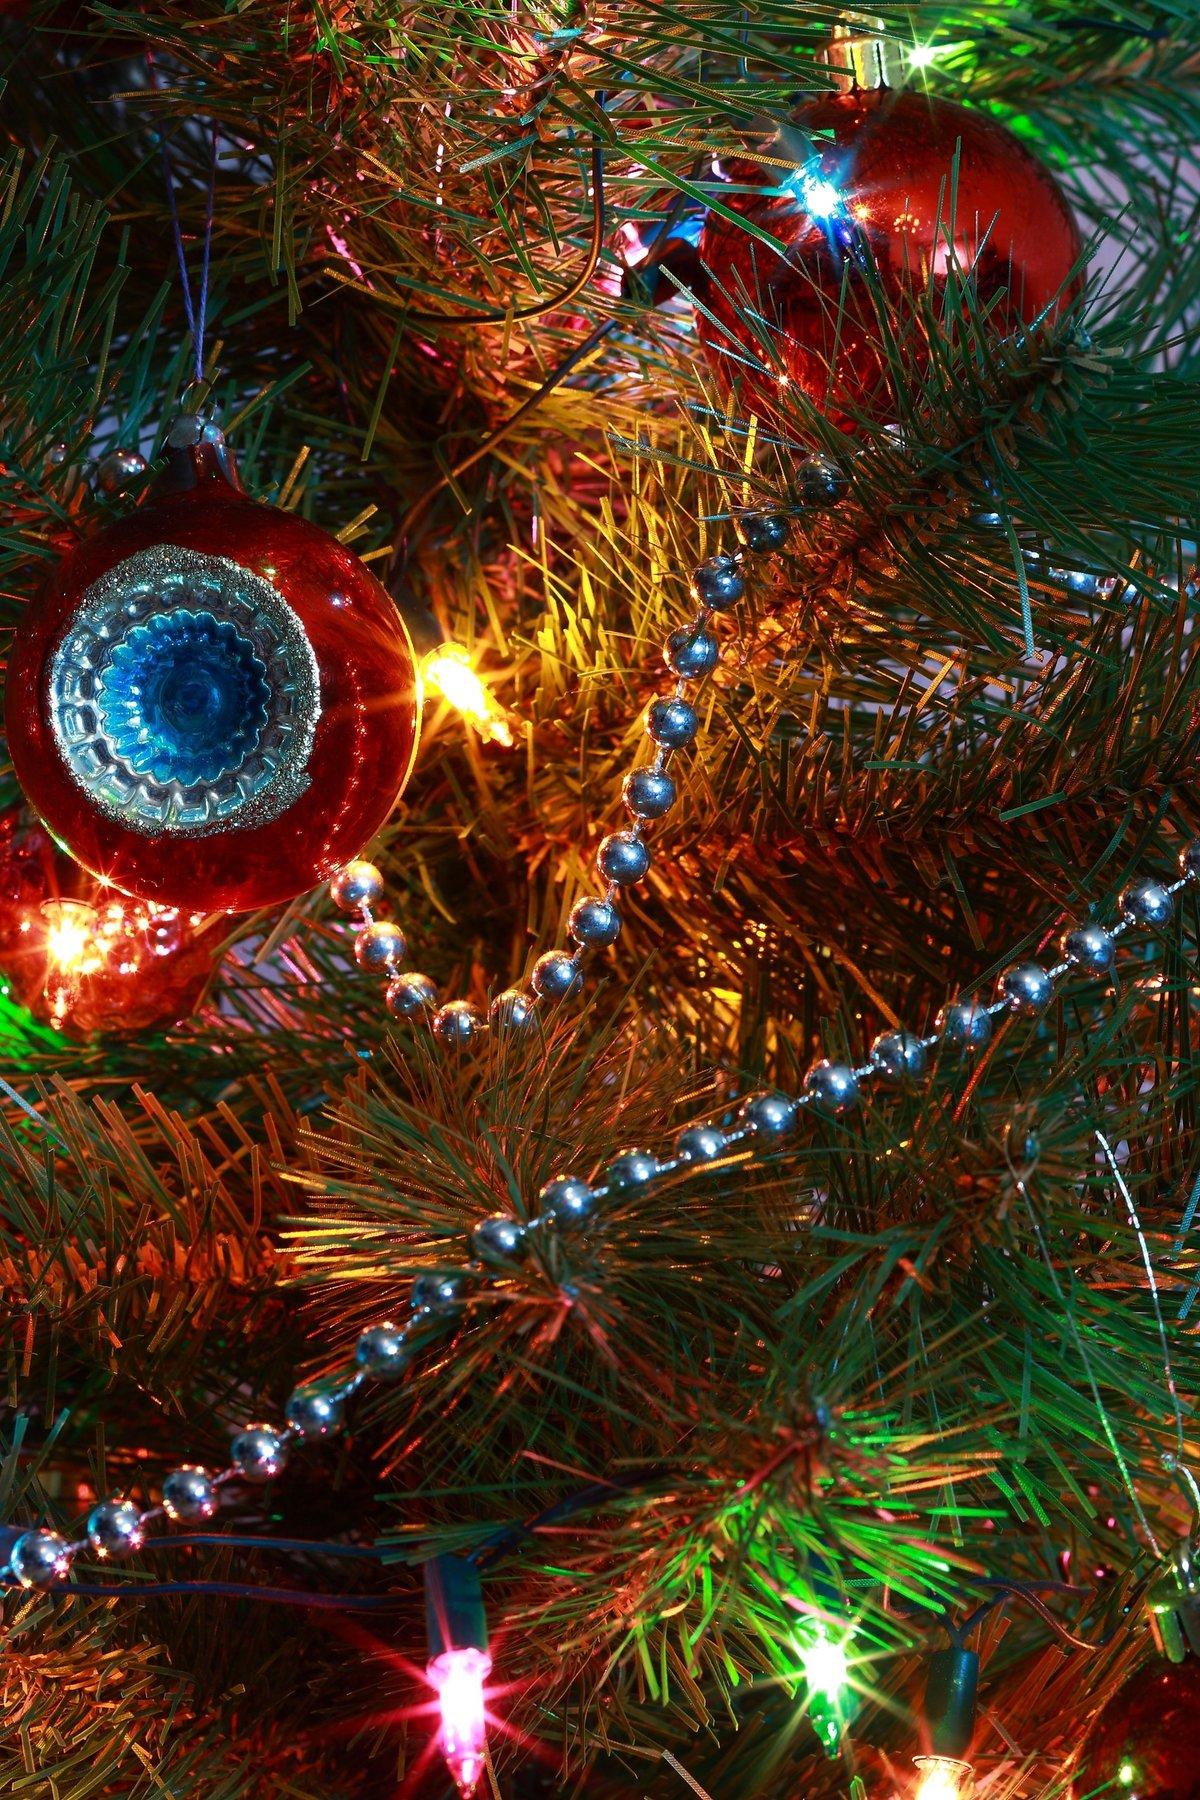 забудьте оставить новогодние гирлянды и игрушки картинки дерева